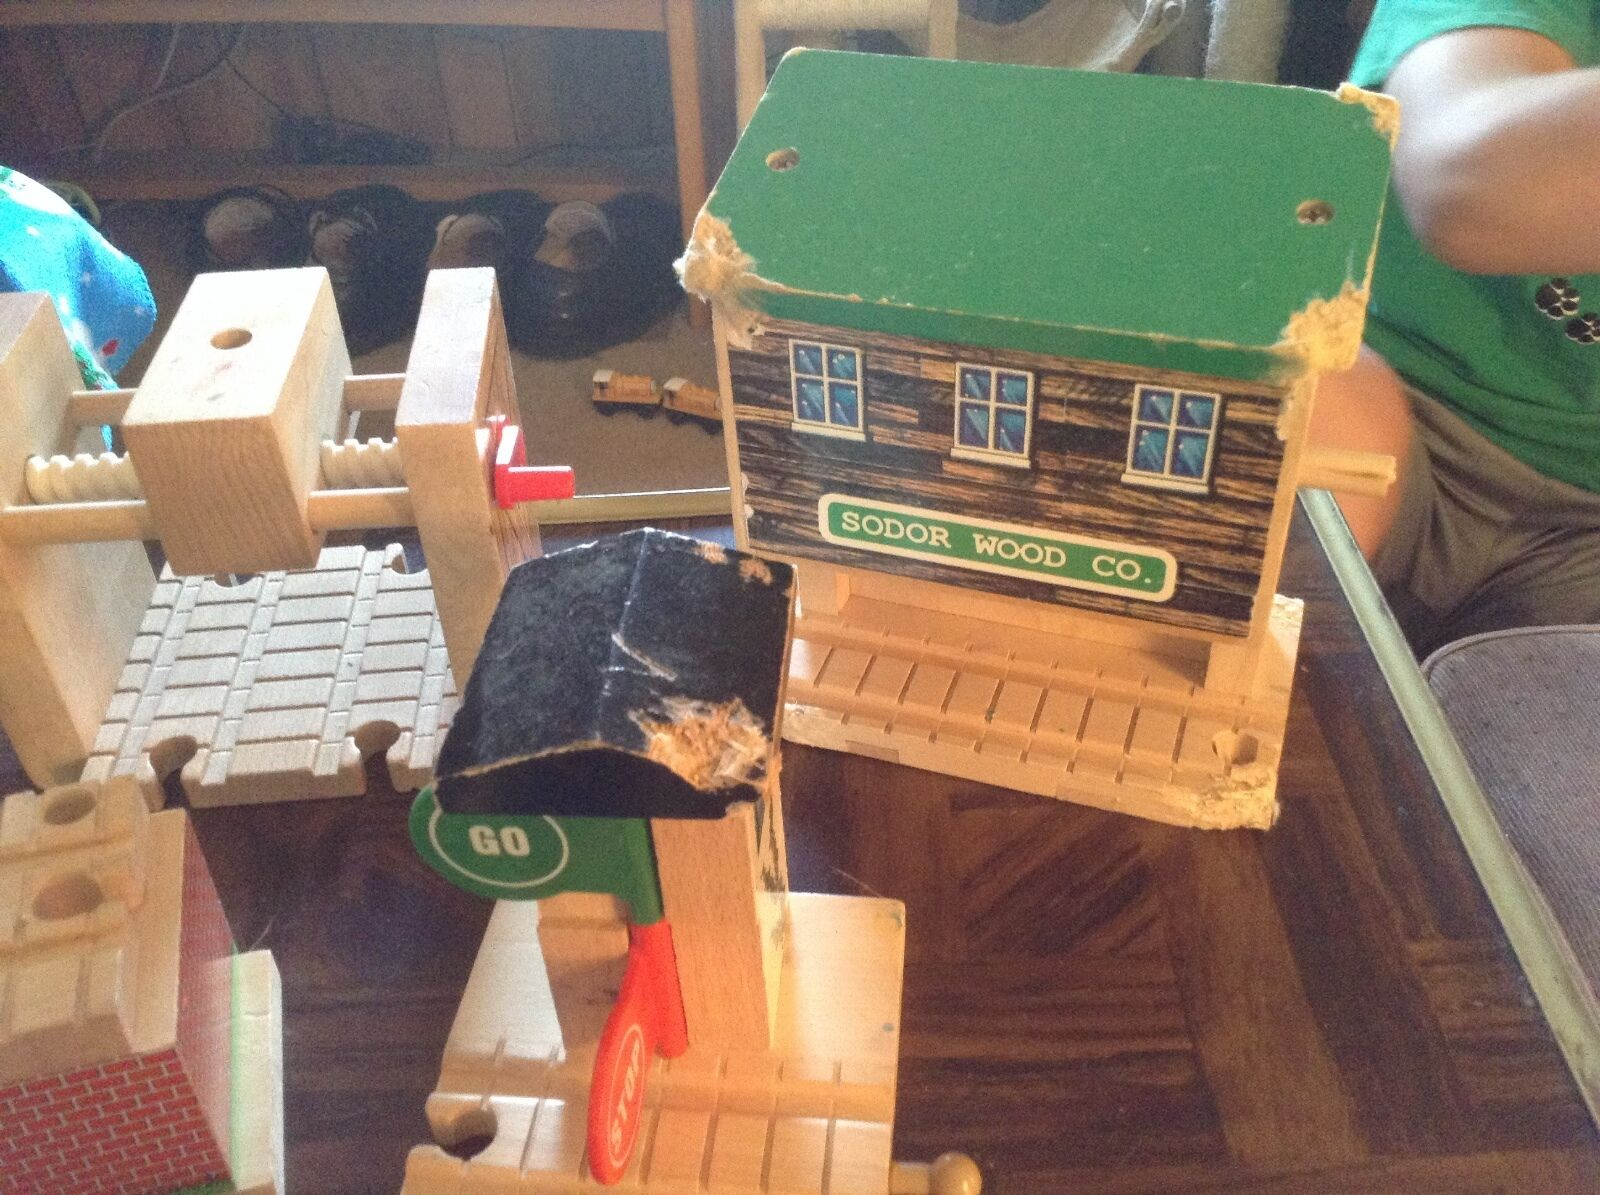 Miscellaneous Thomas the tank train toy pieces